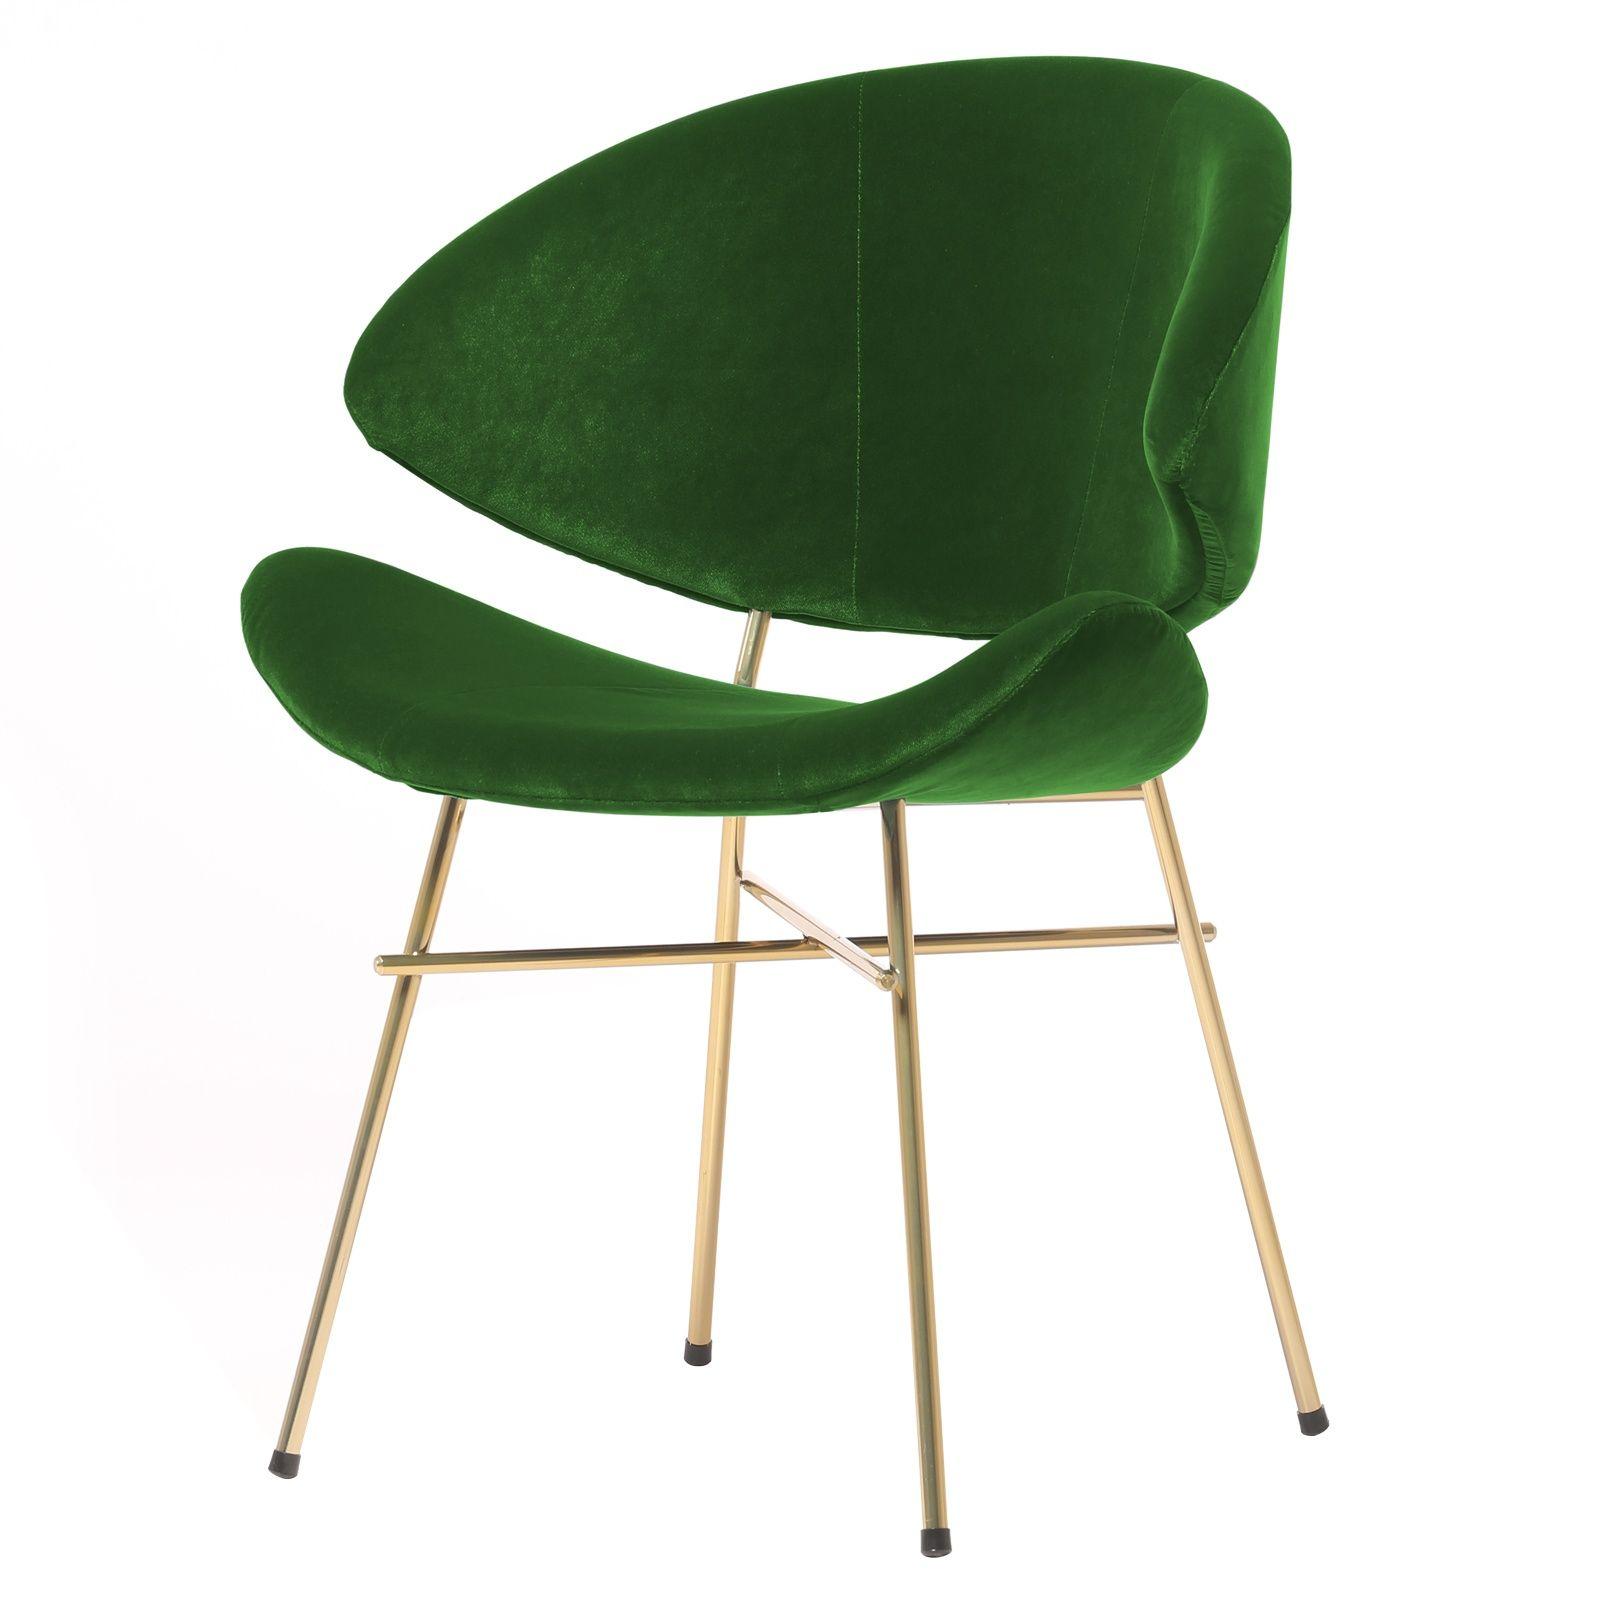 Ciekawa forma i niespotykany szary kolor krzesła Mannequin